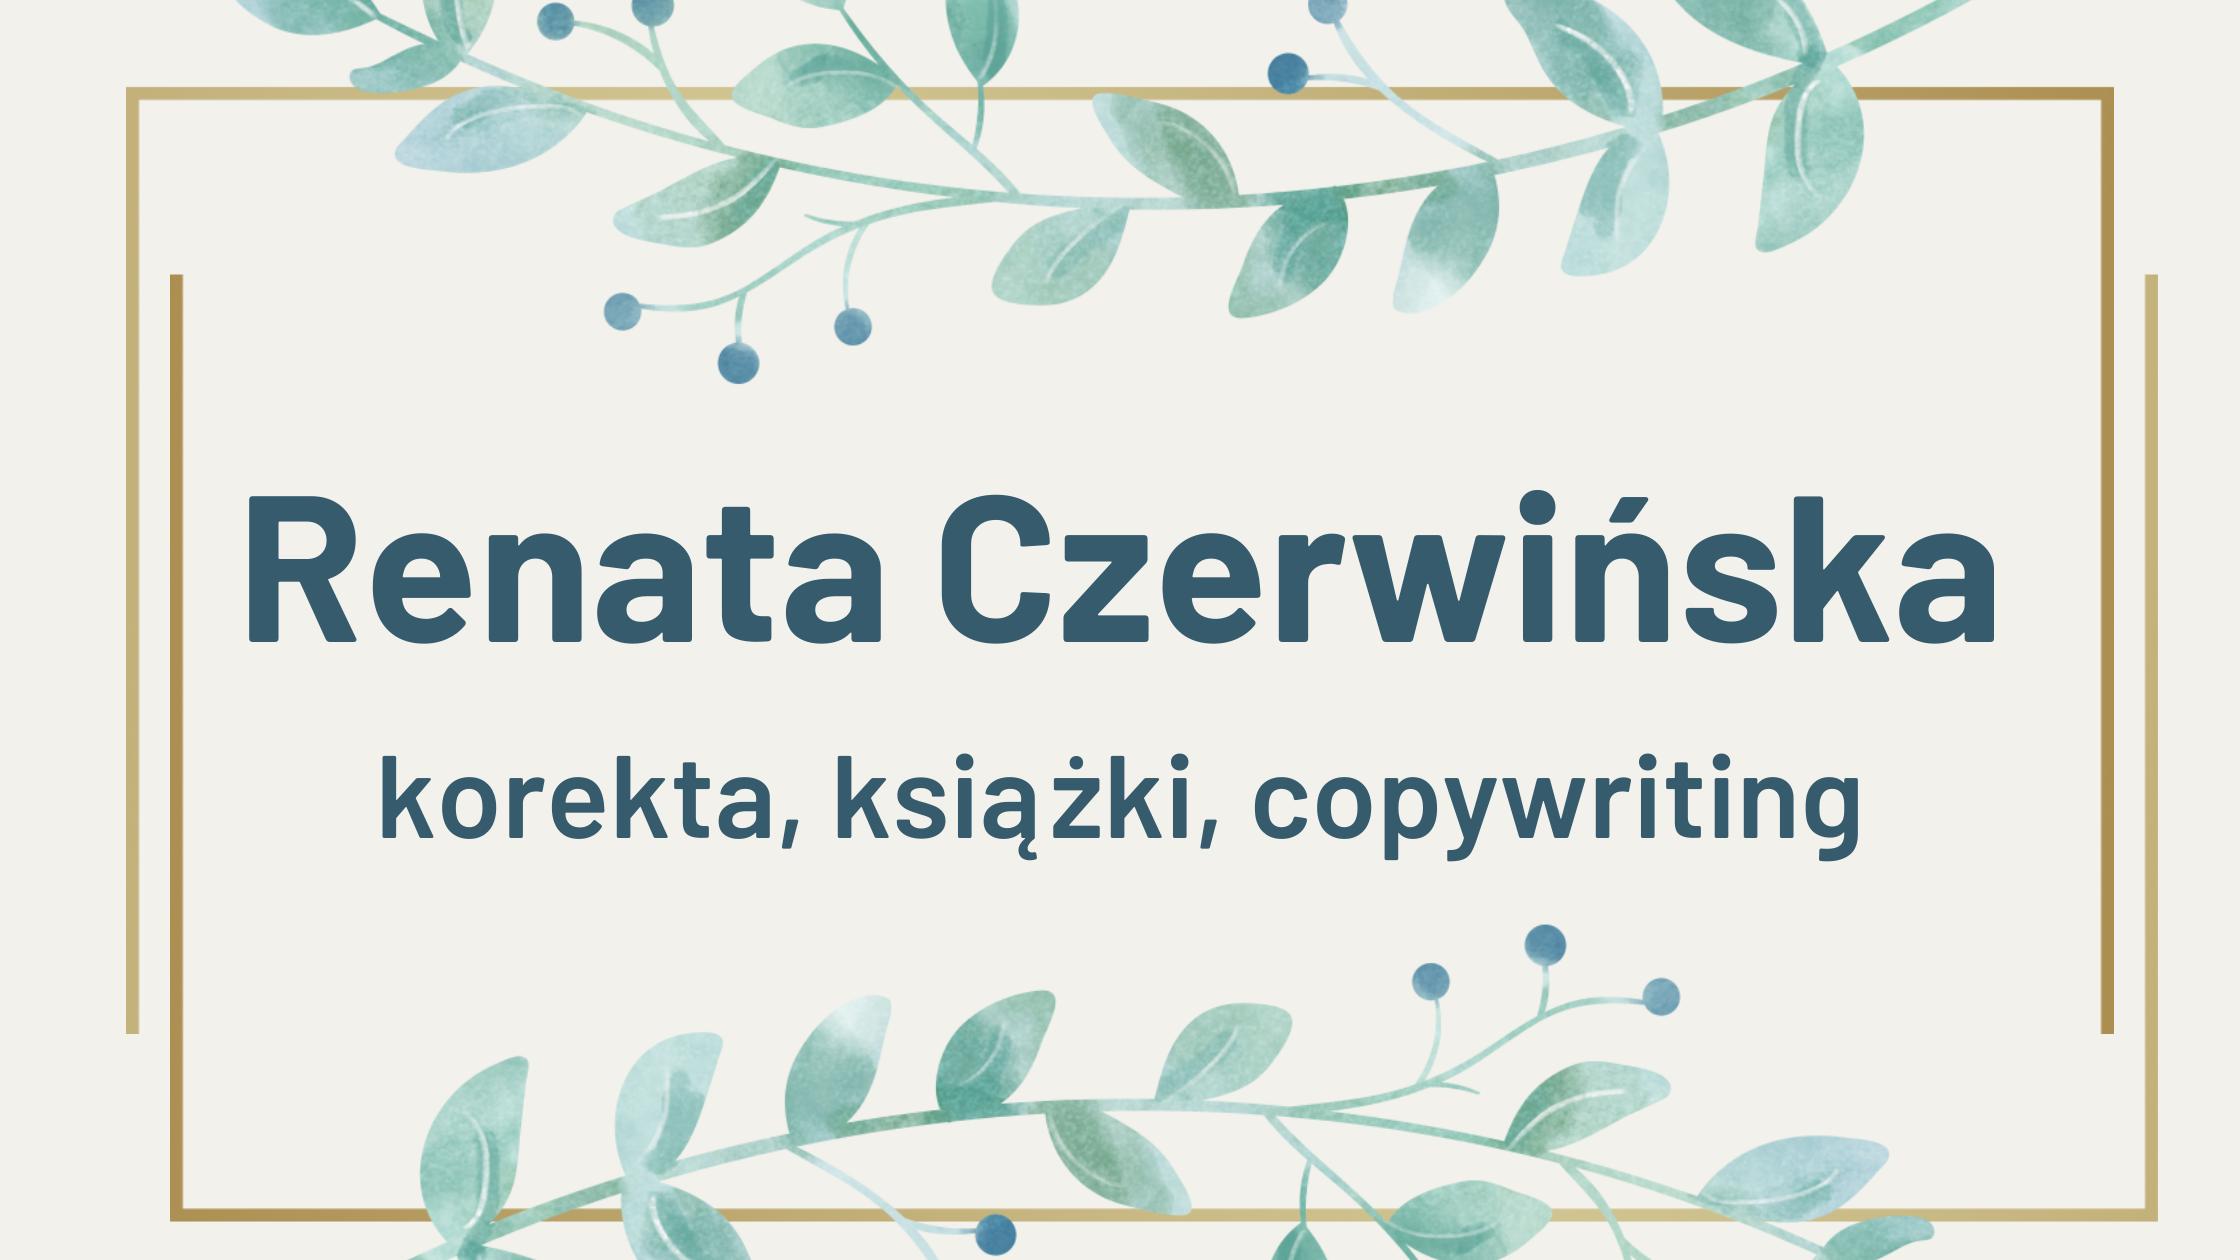 Baner na stronę główną, zawiera napis: Renata Czerwińska. Korekta, książki, copywriting